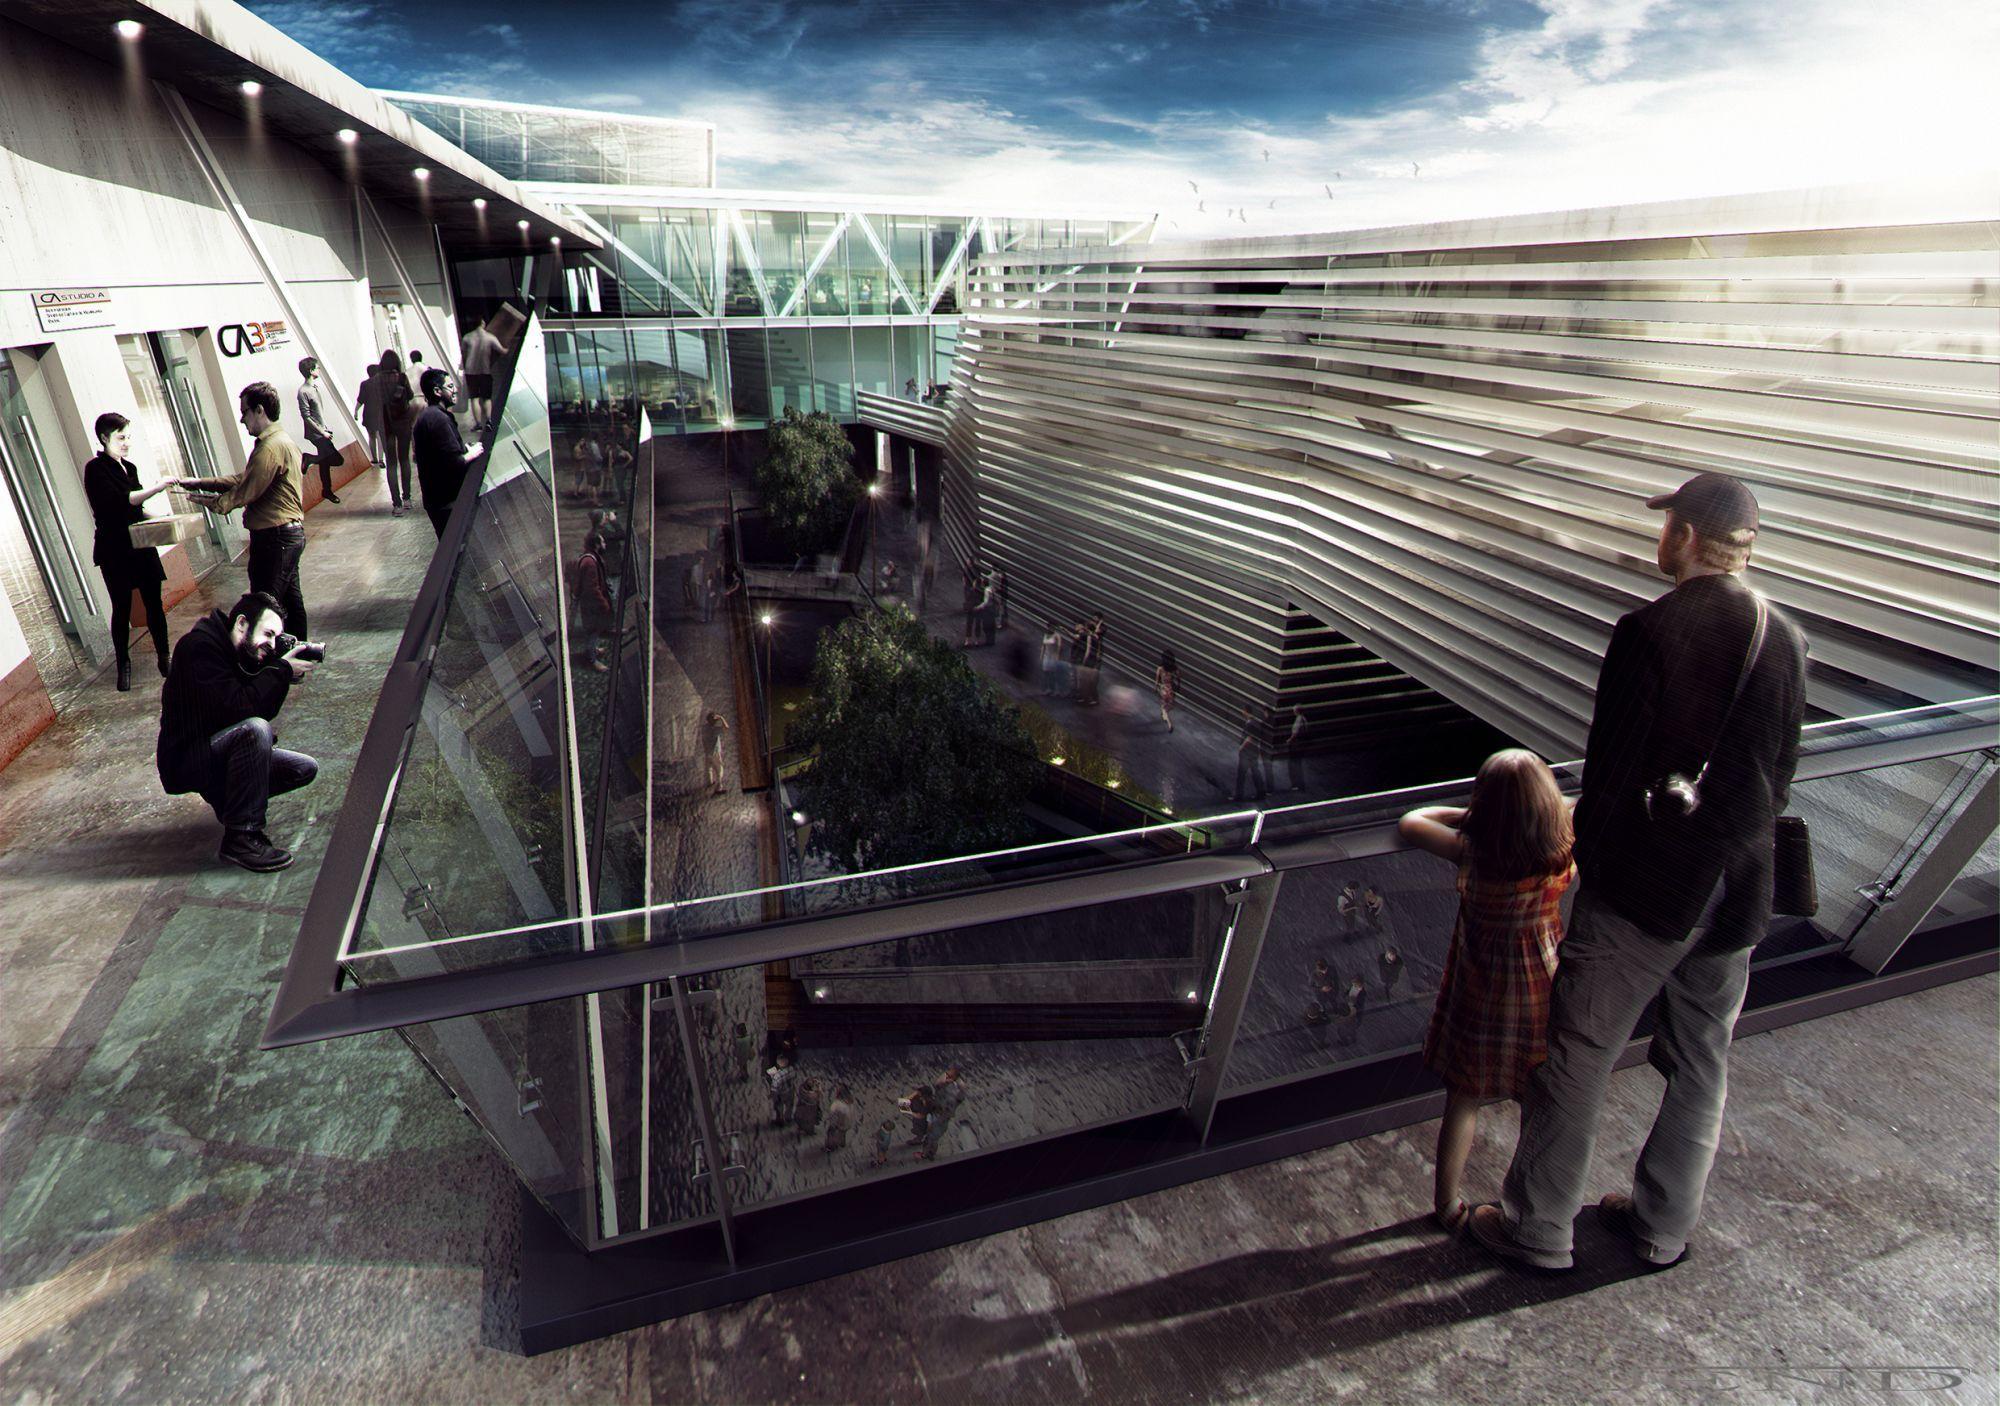 CGarchitect - Professional 3D Architectural Visualization User Community | Centro del Séptimo Arte (C7A)